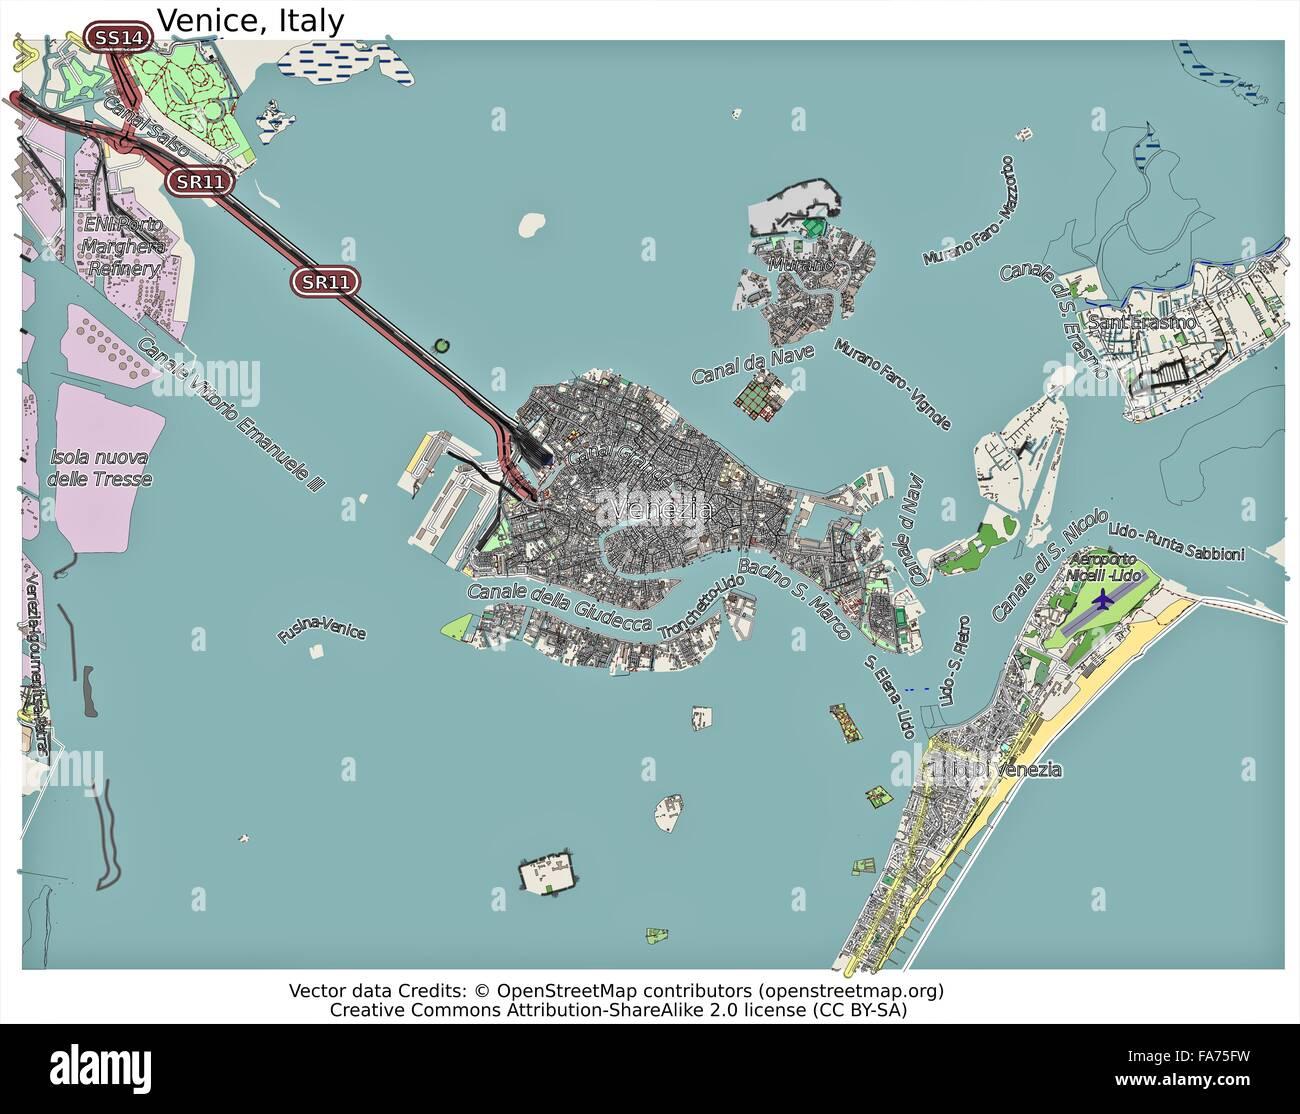 Venice Italy location map Stock Photo 92356429 Alamy